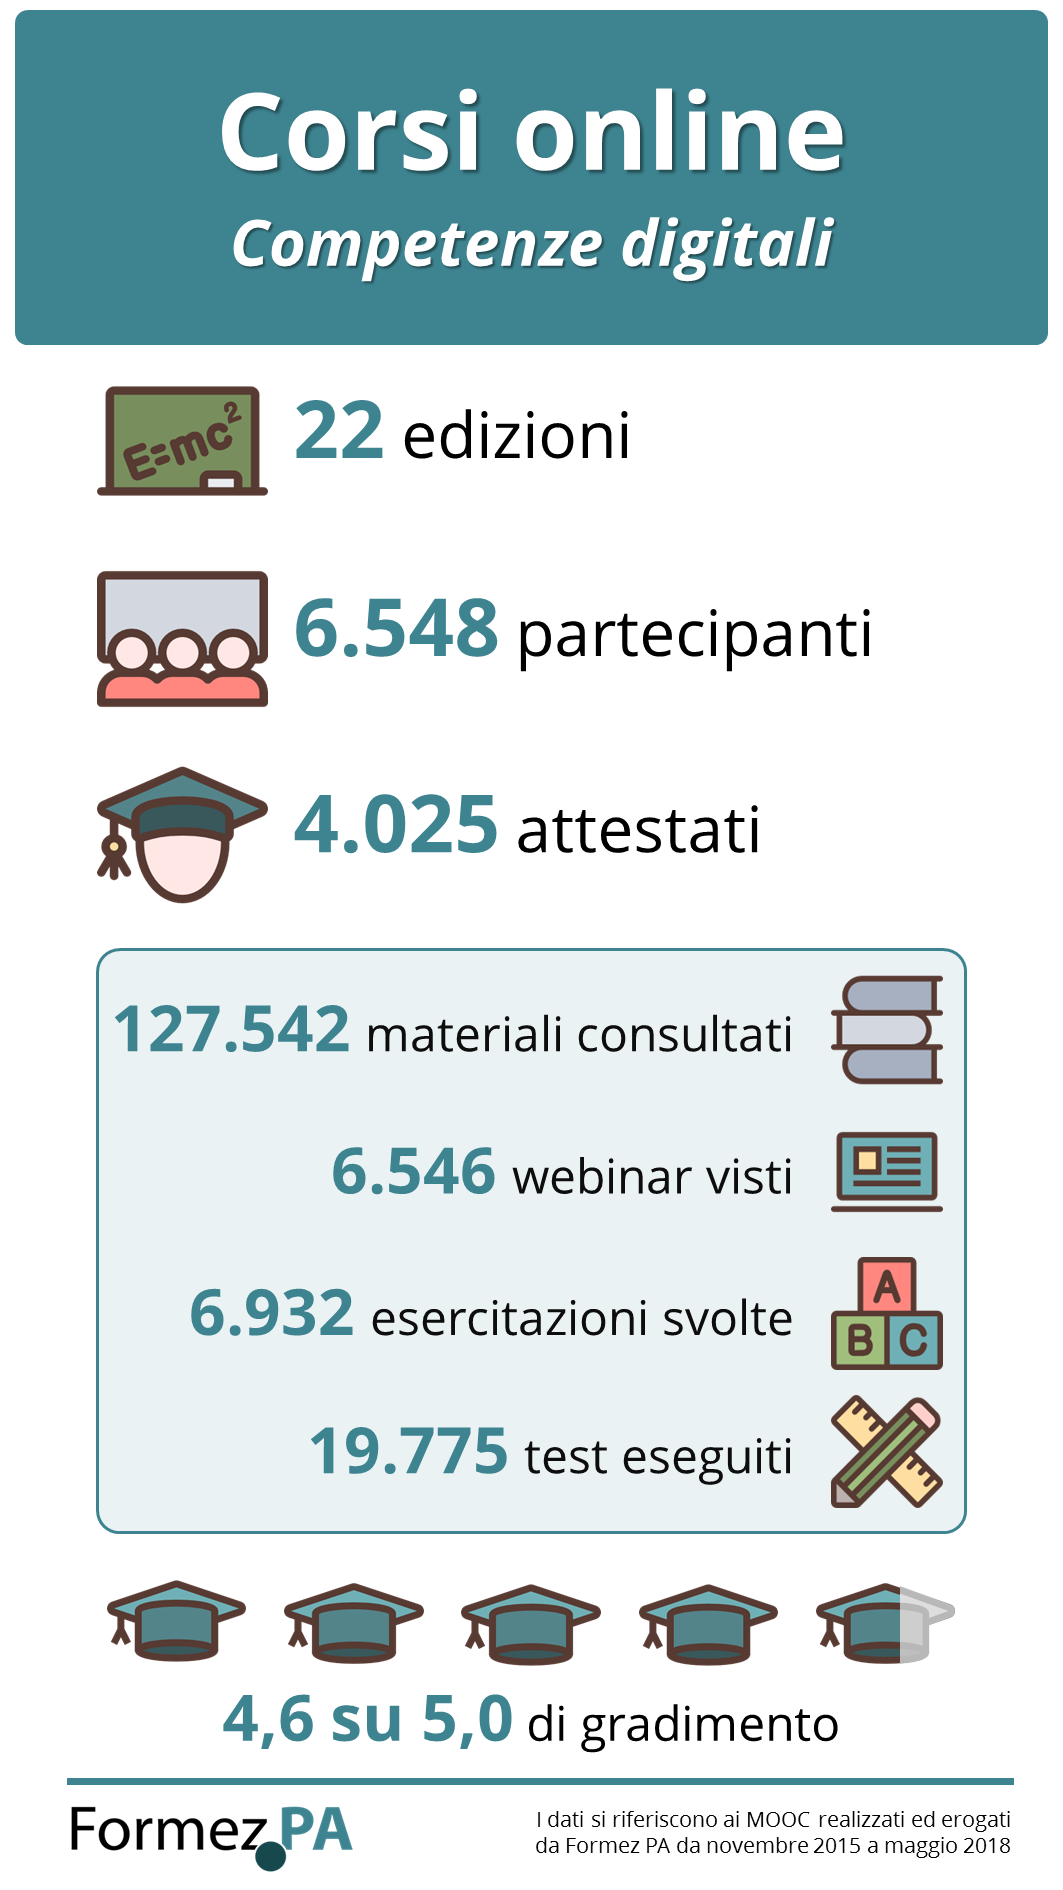 Infografica corsi sulle competenze digitali